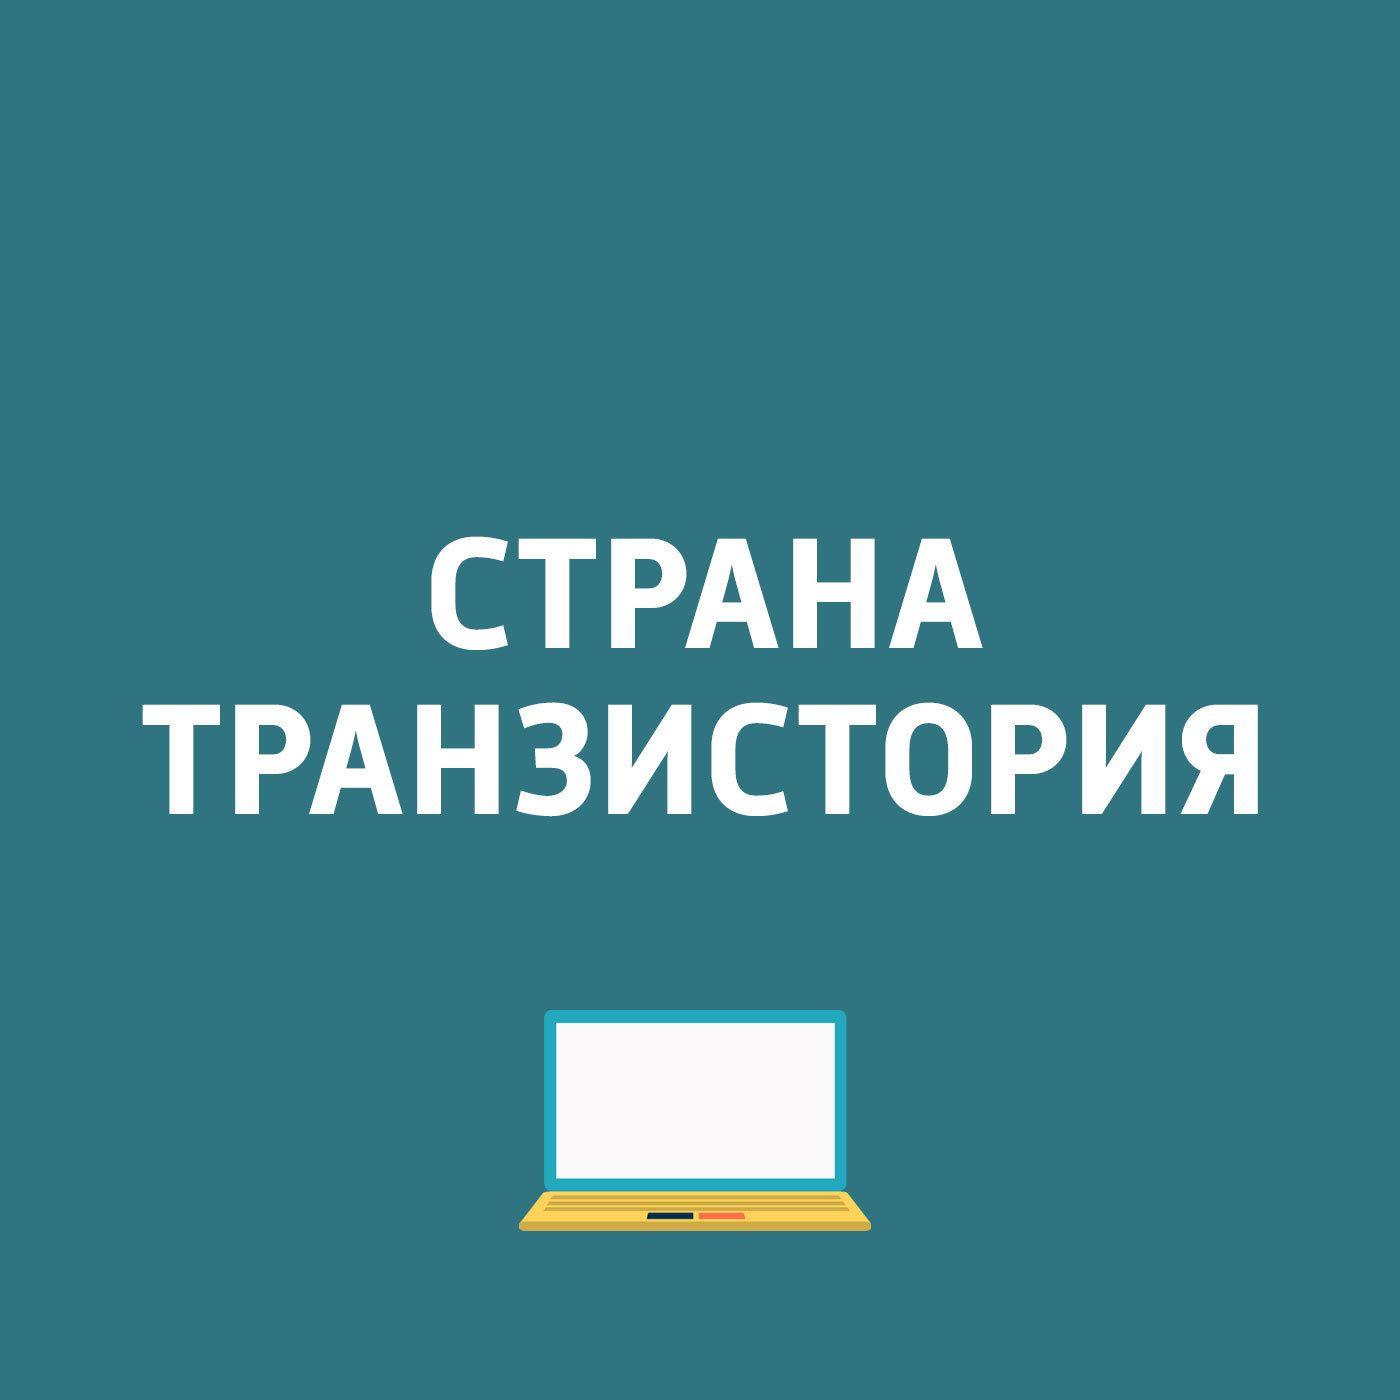 Рунет отпраздновал 25-летний юбилей